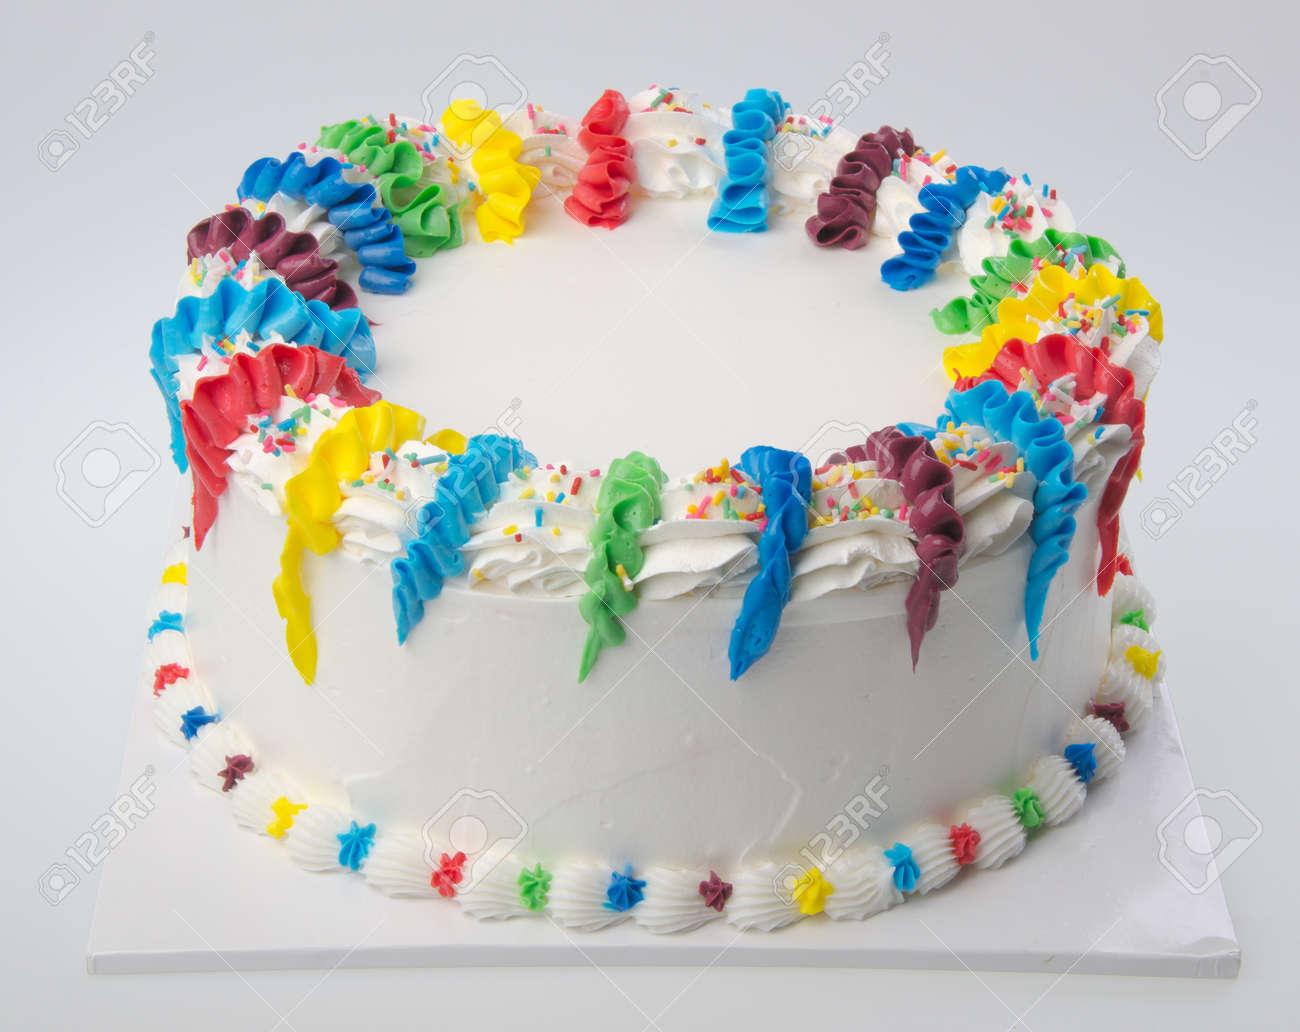 Kuchen Eis Kuchen Auf Weissem Hintergrund Lizenzfreie Fotos Bilder